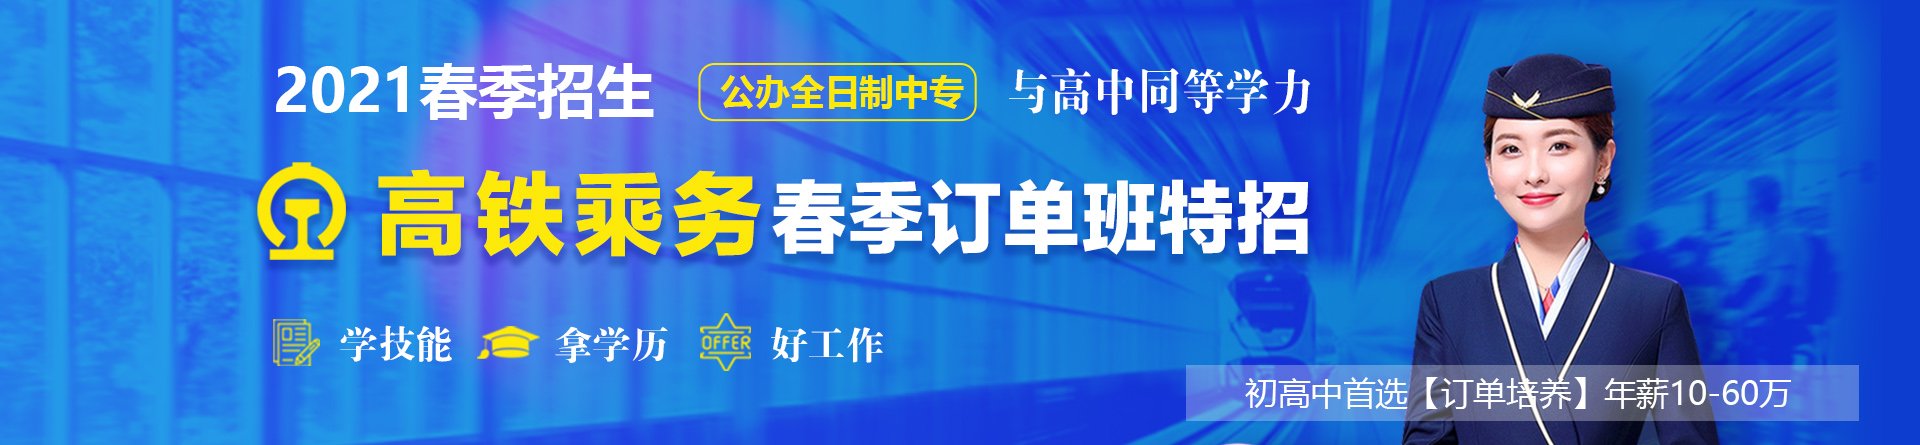 郑州高铁乘务专业